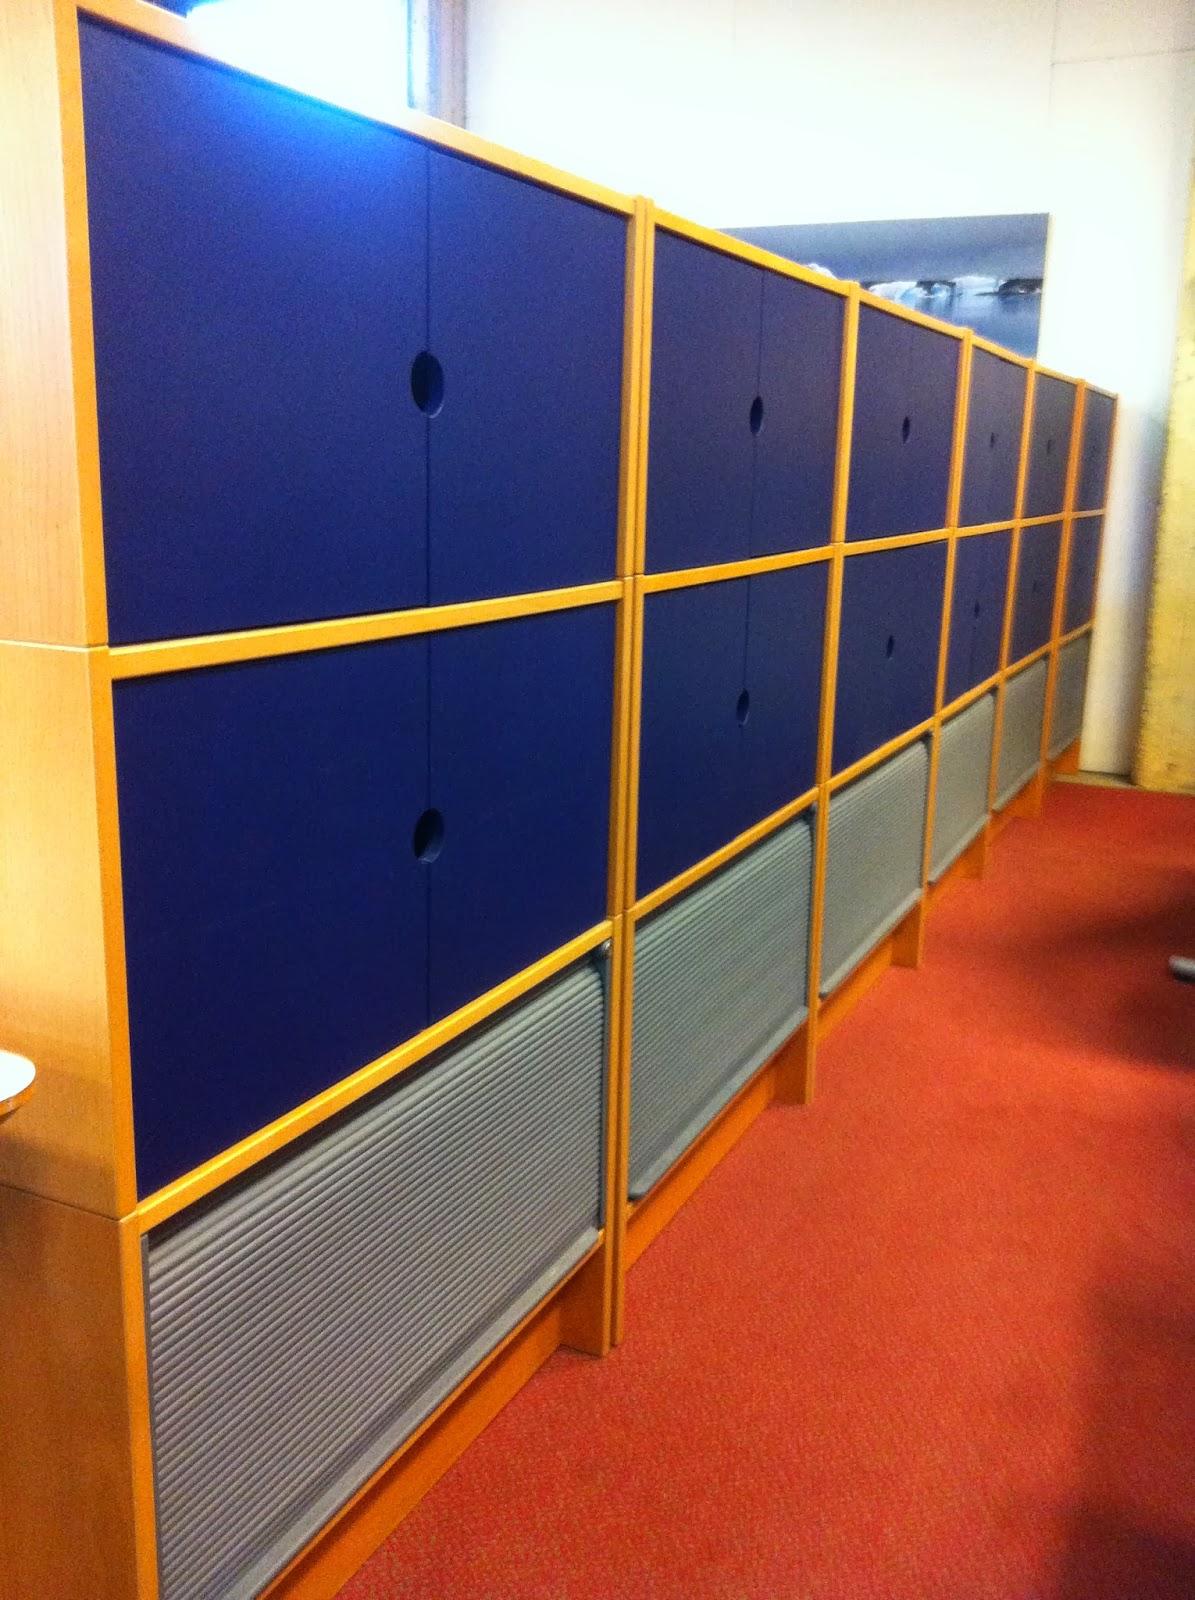 begagnade kontorsm bler begagnade ikea effektiv f rvaringssk p. Black Bedroom Furniture Sets. Home Design Ideas